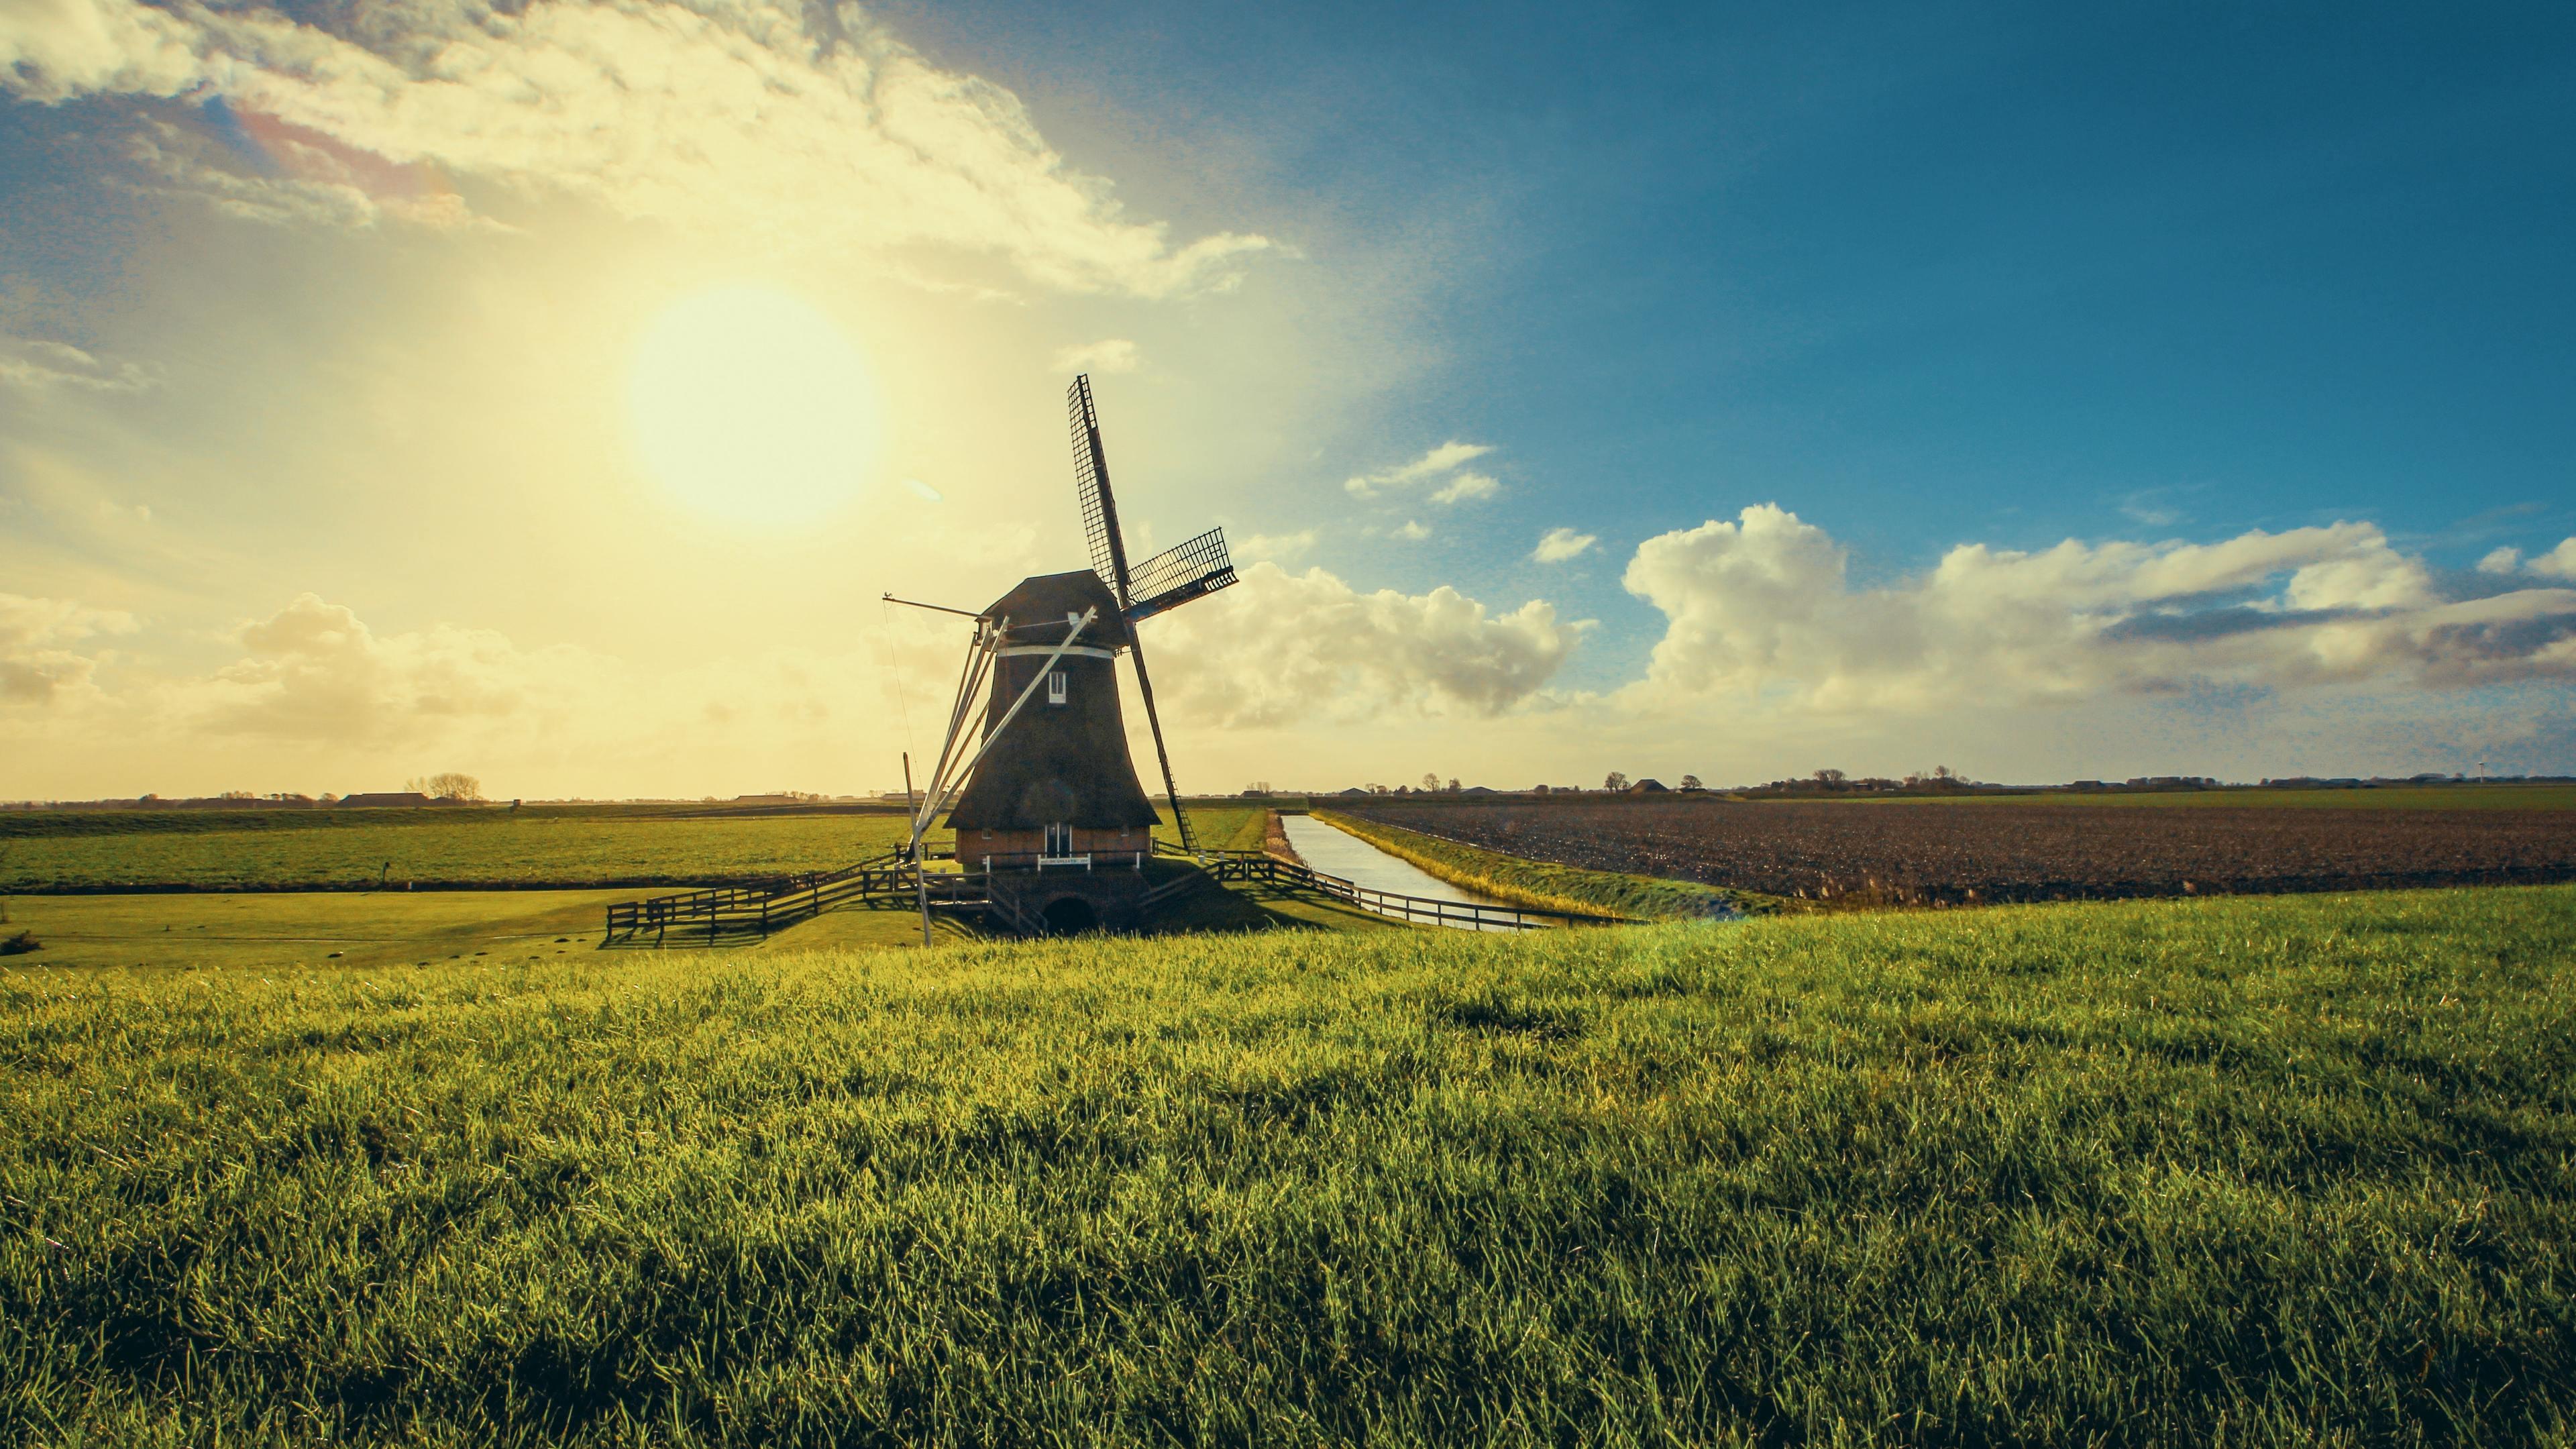 windmill 4k 1551644554 - Windmill 4k - windmill wallpapers, nature wallpapers, hd-wallpapers, field wallpapers, 4k-wallpapers